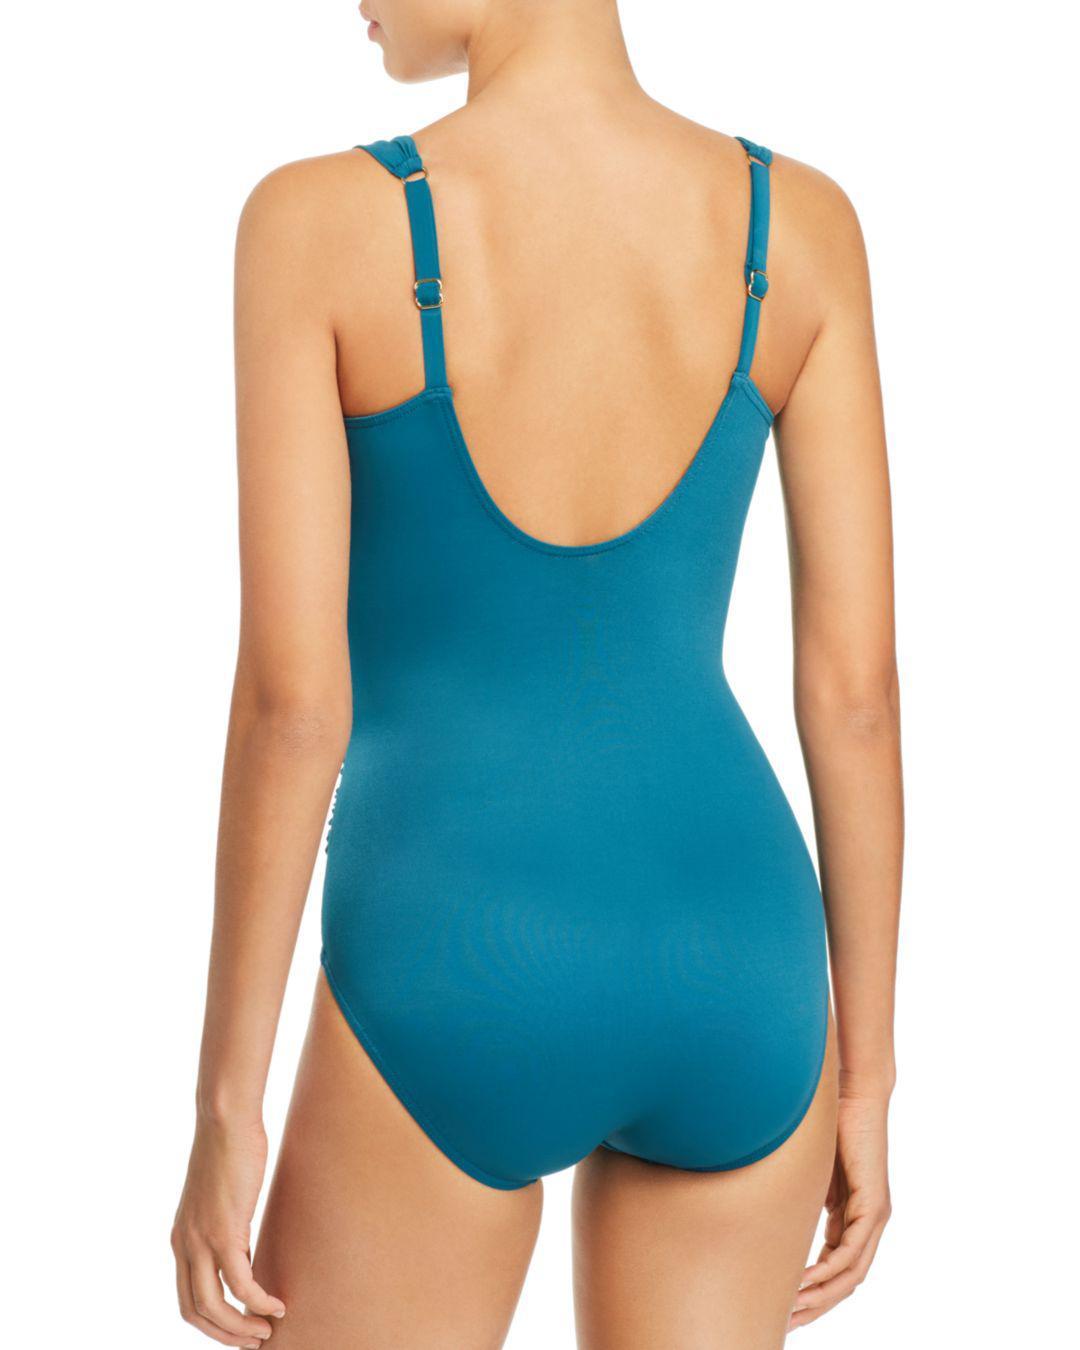 403d9a45b659d Lyst - Miraclesuit Razzle Dazzle Siren One Piece Swimsuit in Blue